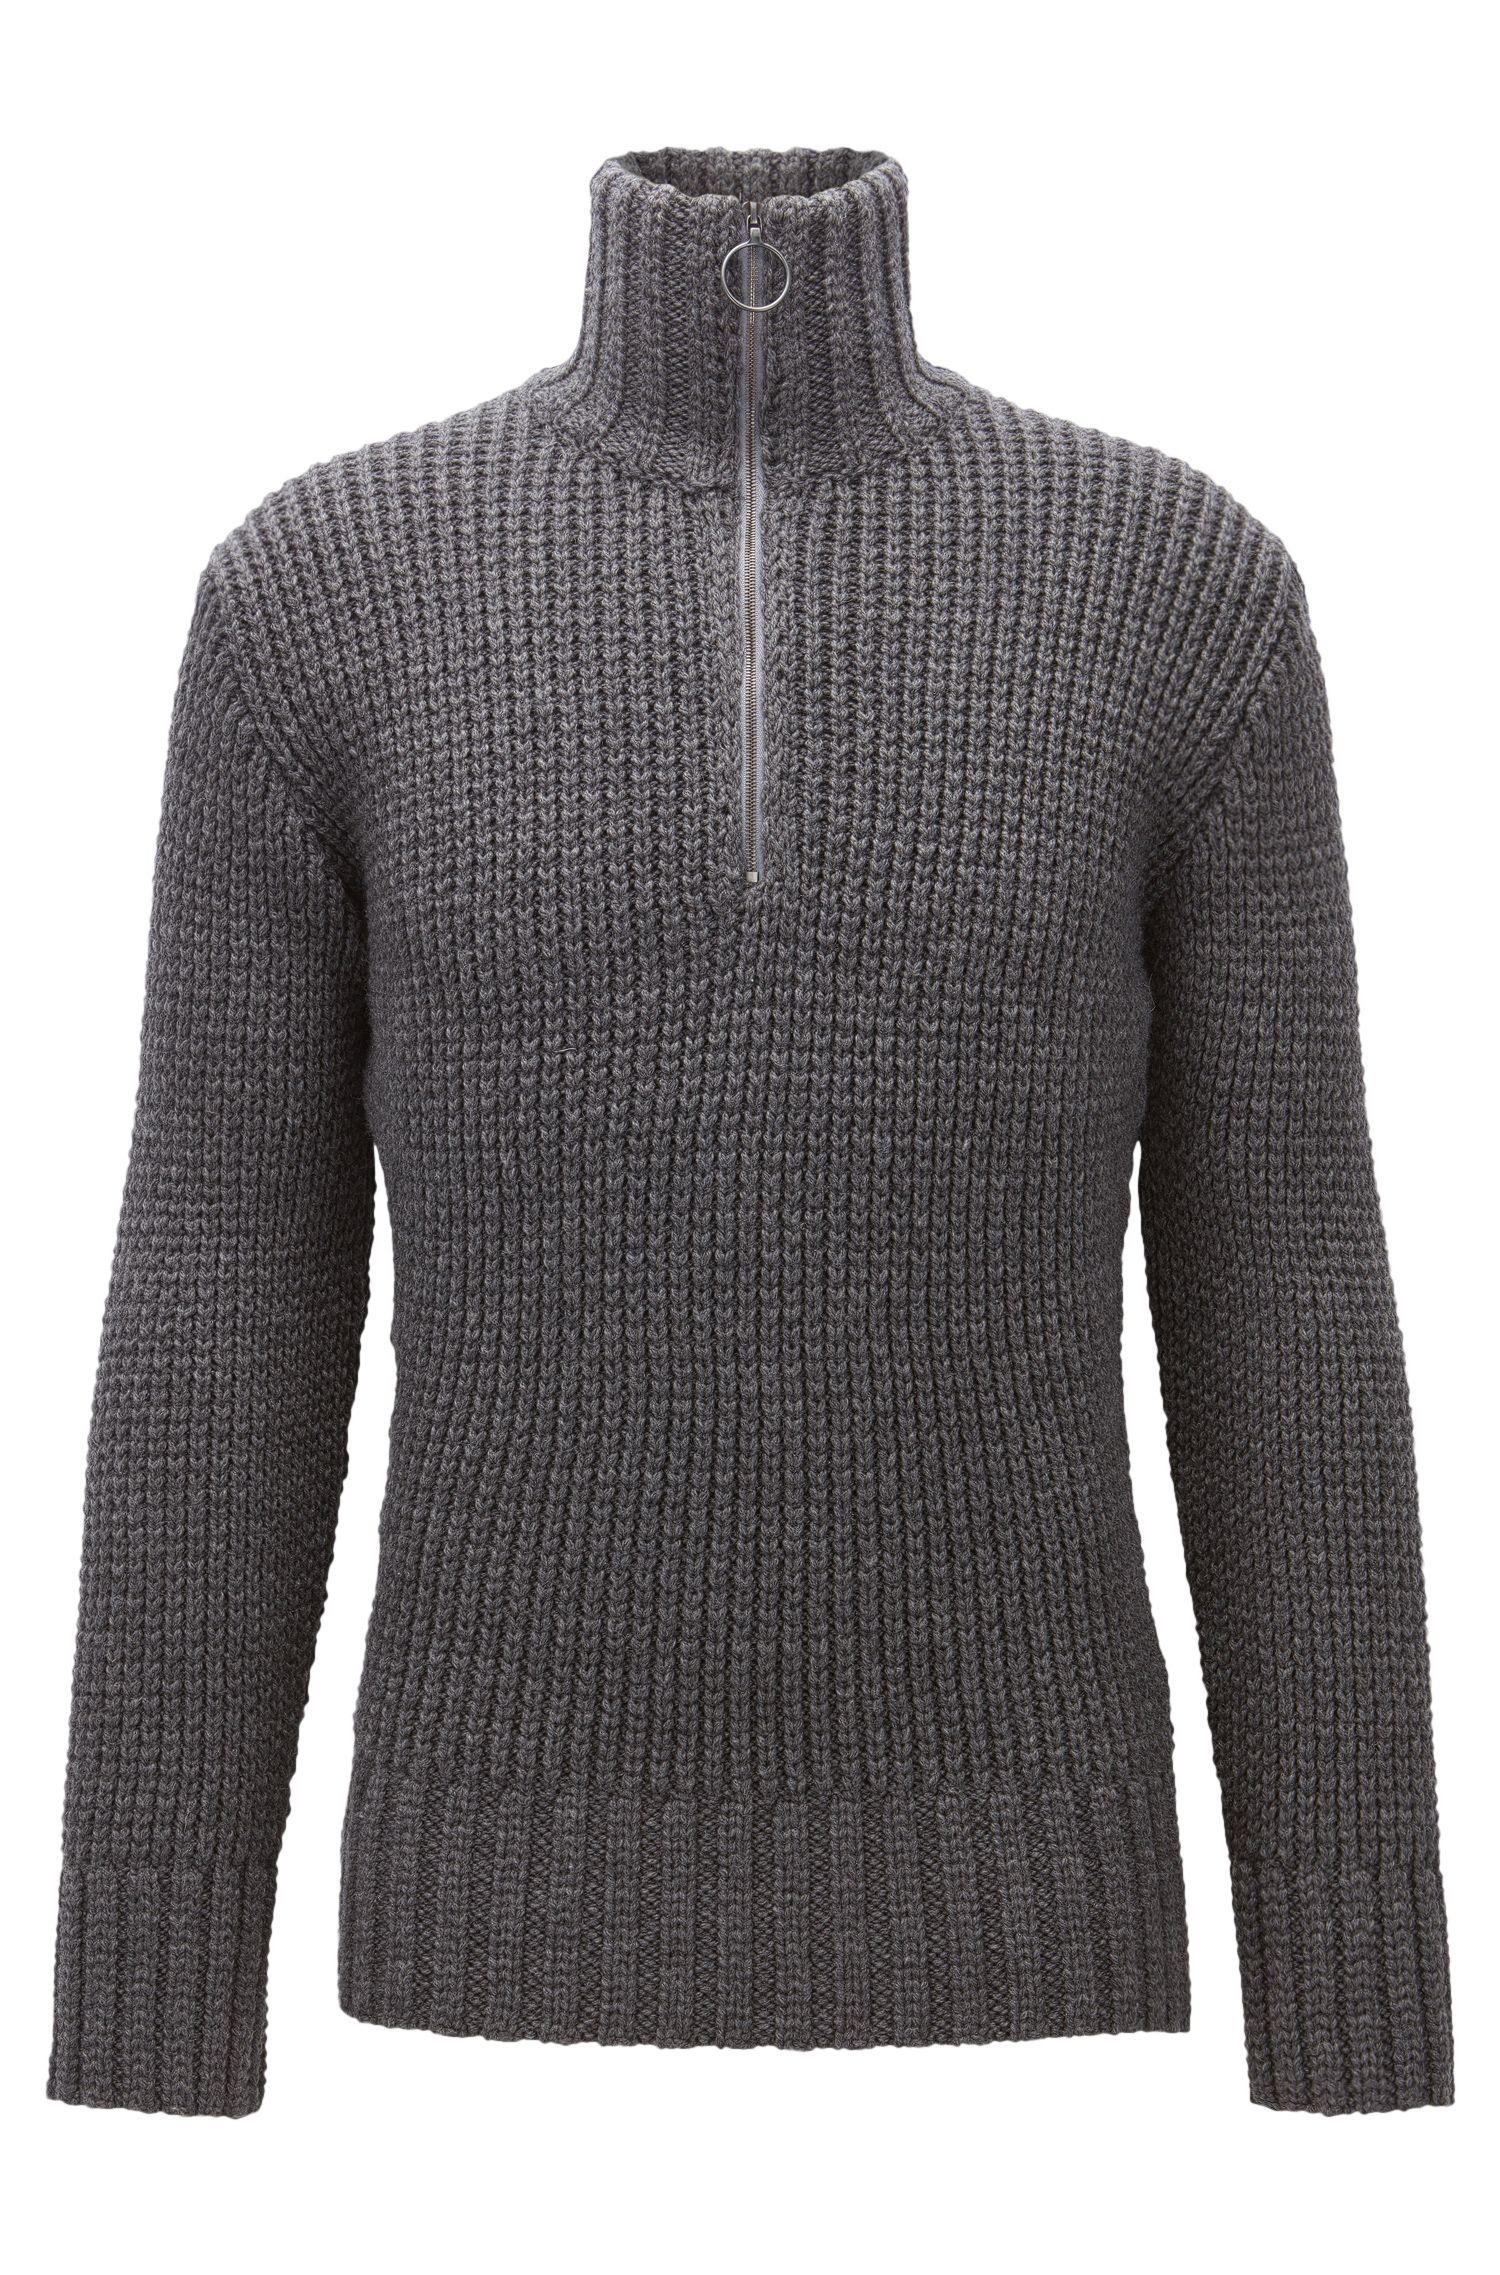 Maglione a coste in lana vergine con zip sul colletto